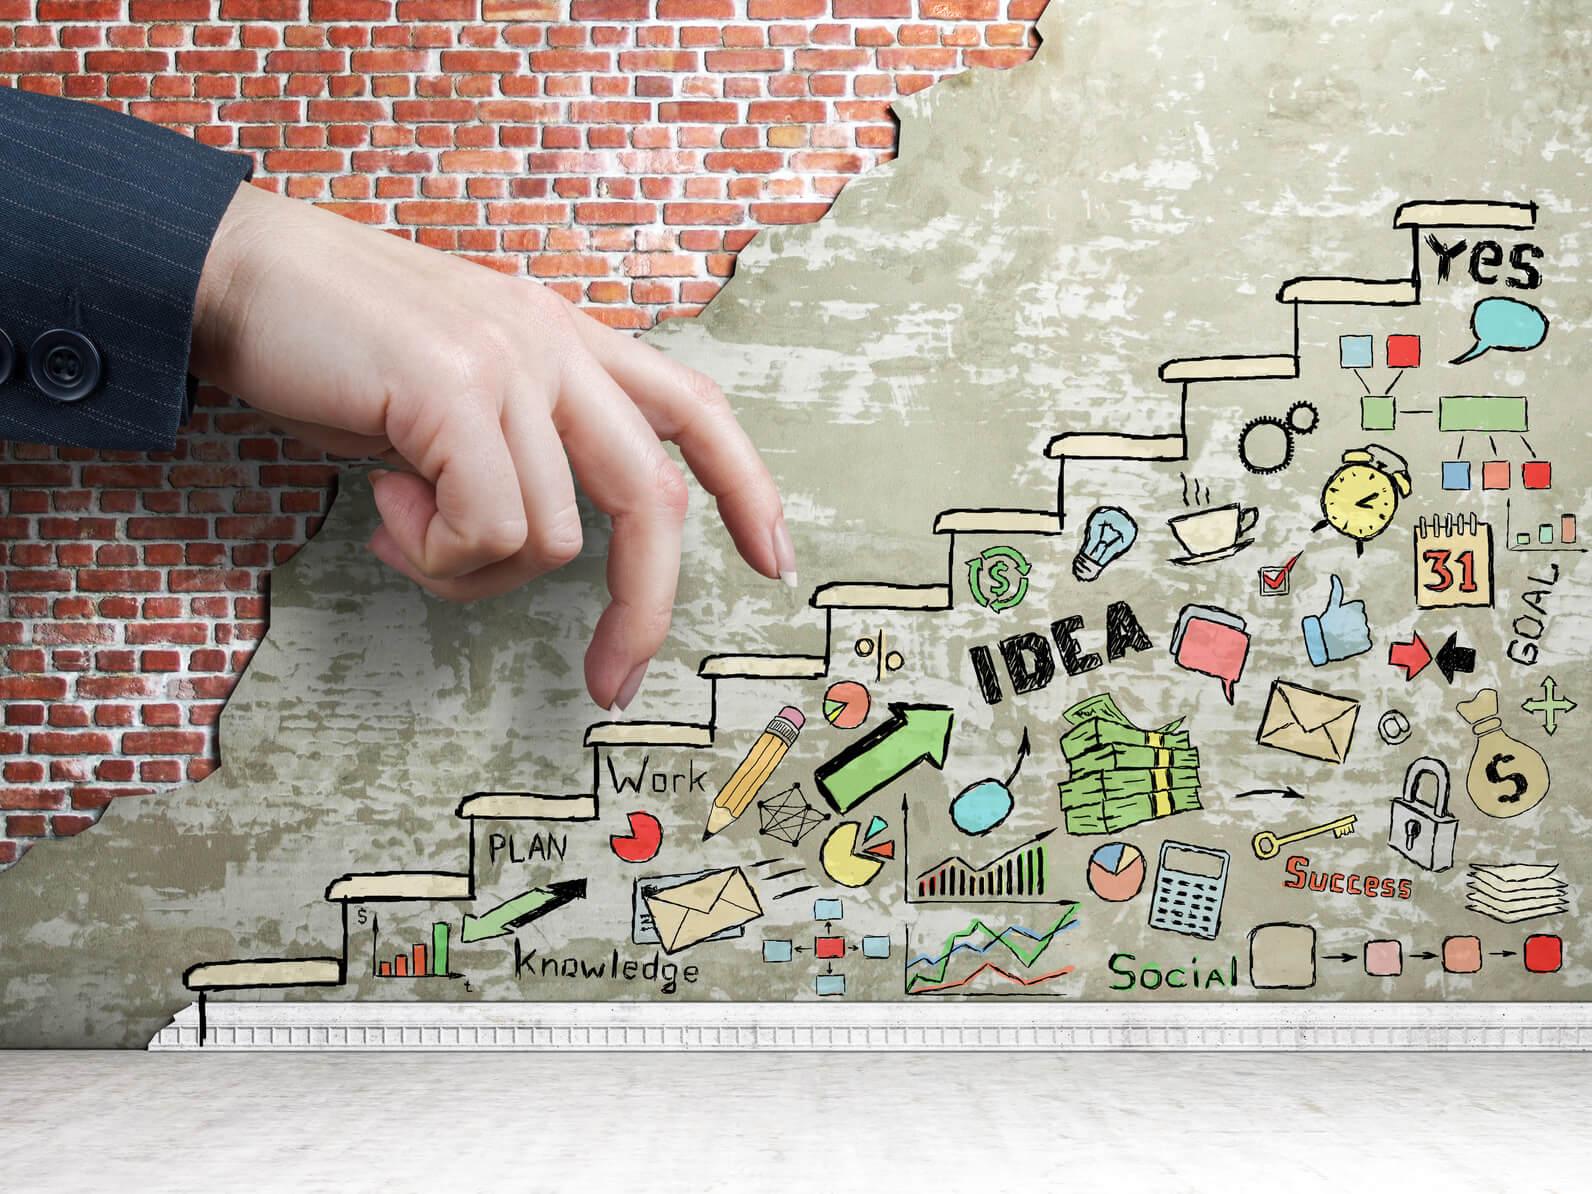 15 Innovative Business Ideas for Entrepreneurs | Opstart